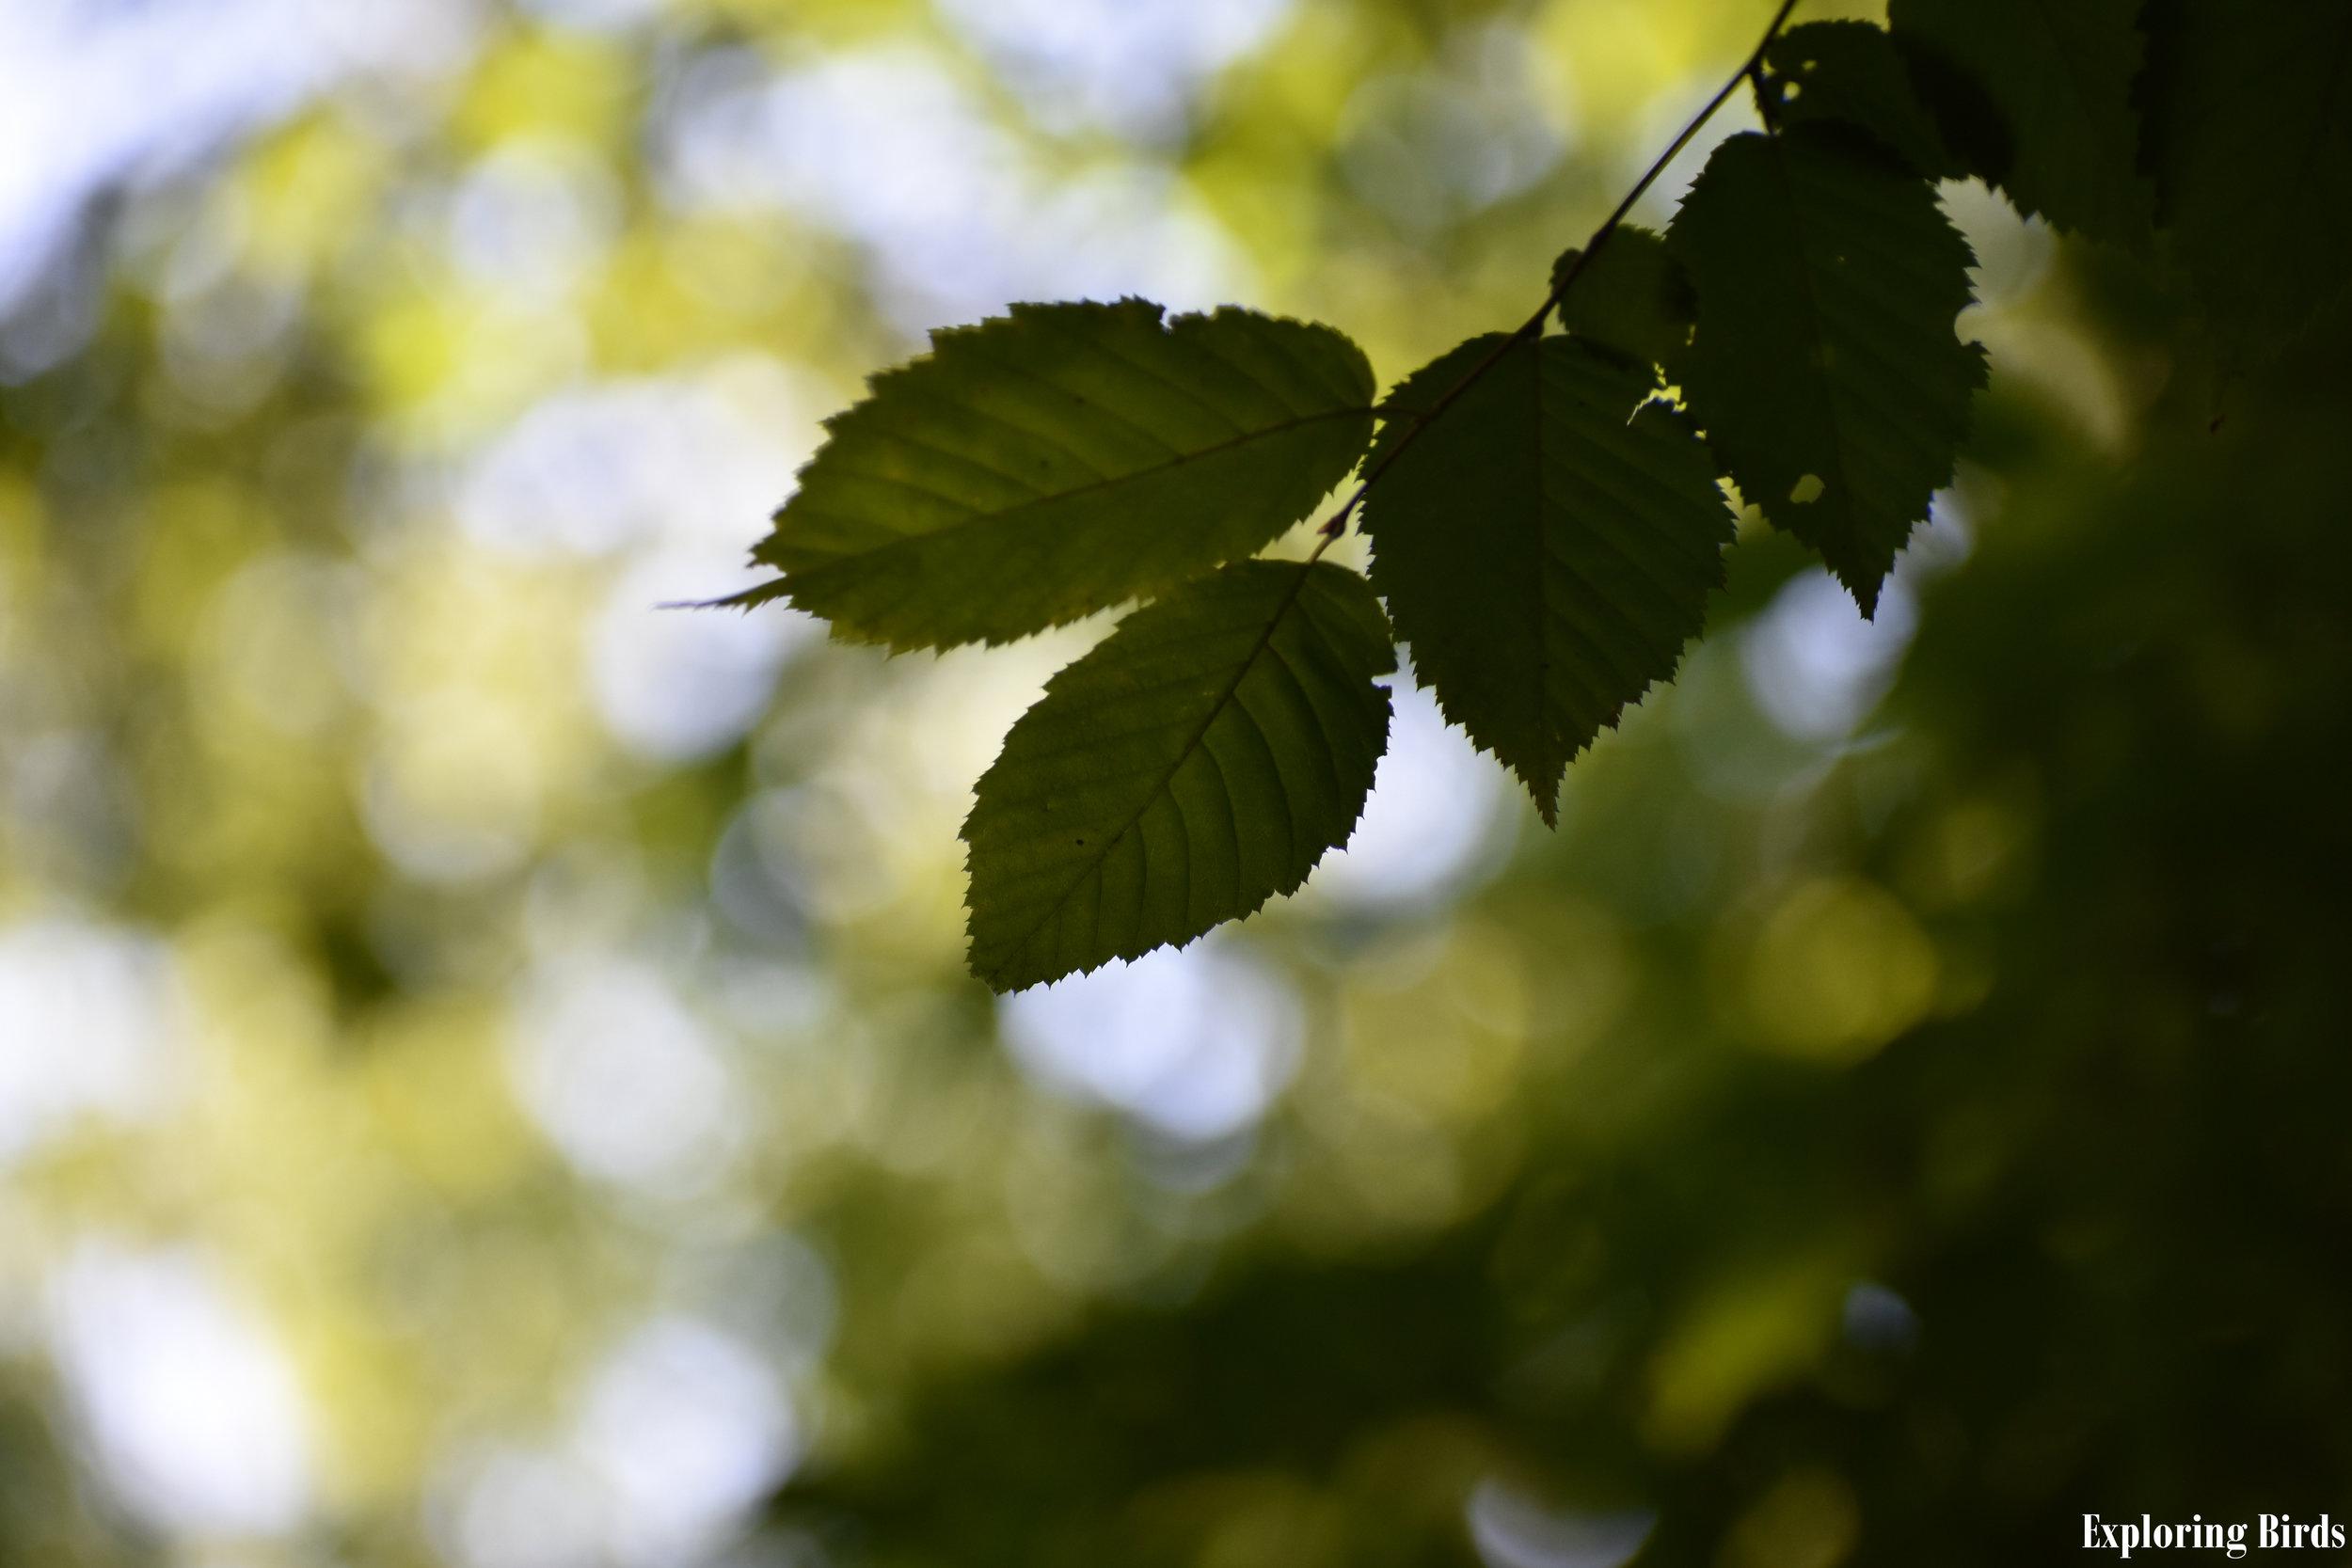 American Hornbeam Leaves